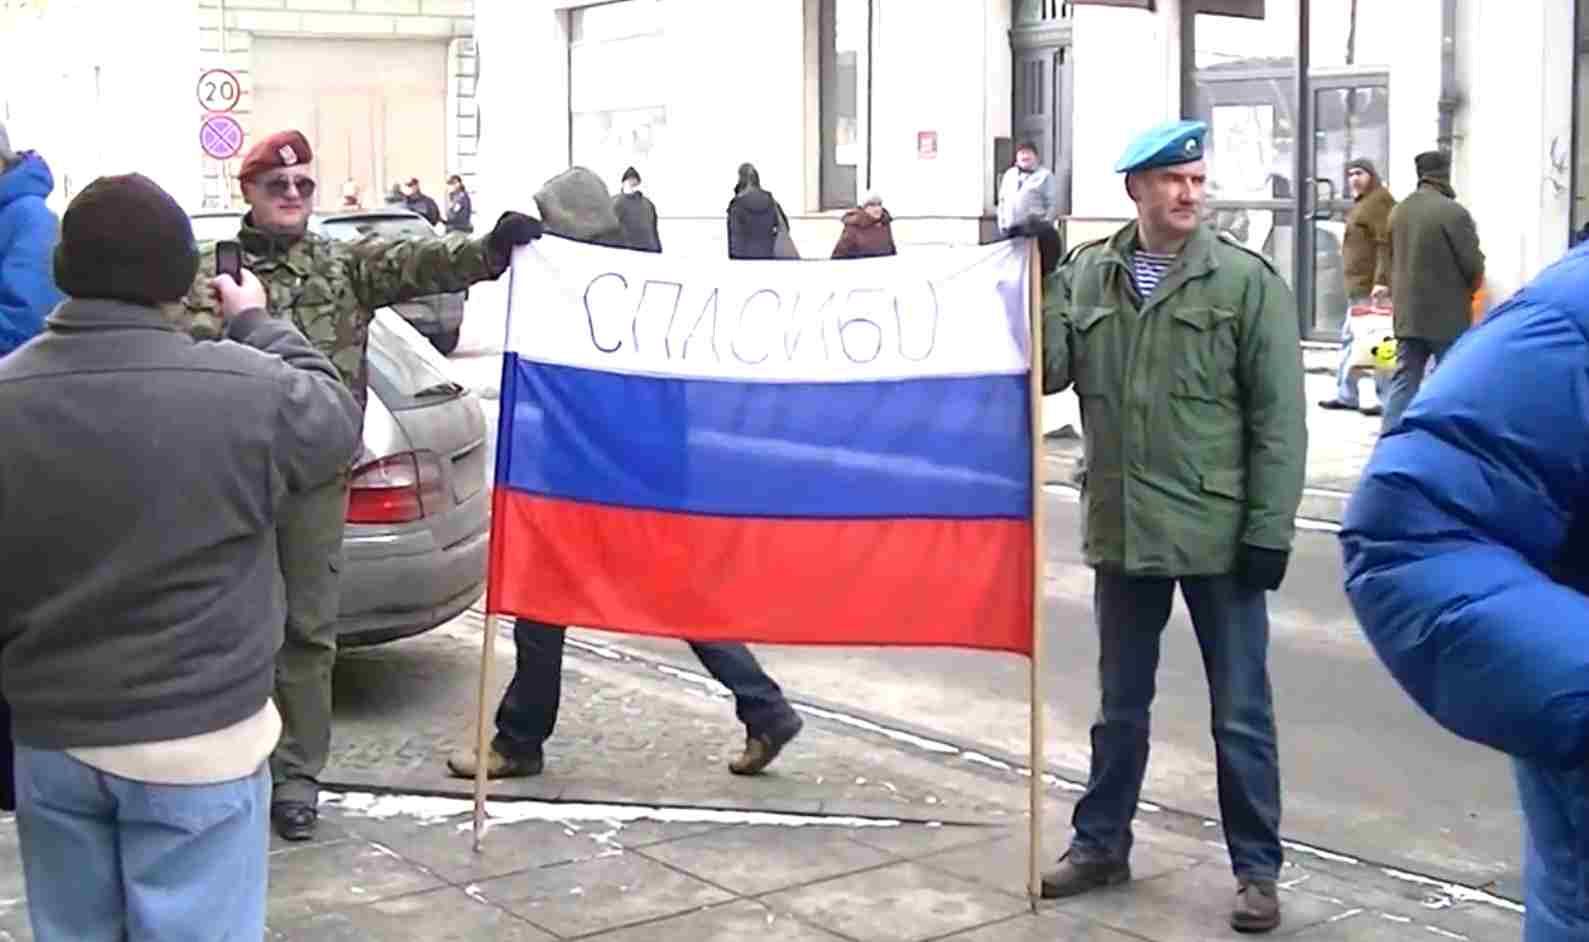 WOLNY CZYN: Druga pikieta o pomnik NKWD: 27 stycznia – Katowice (film!)